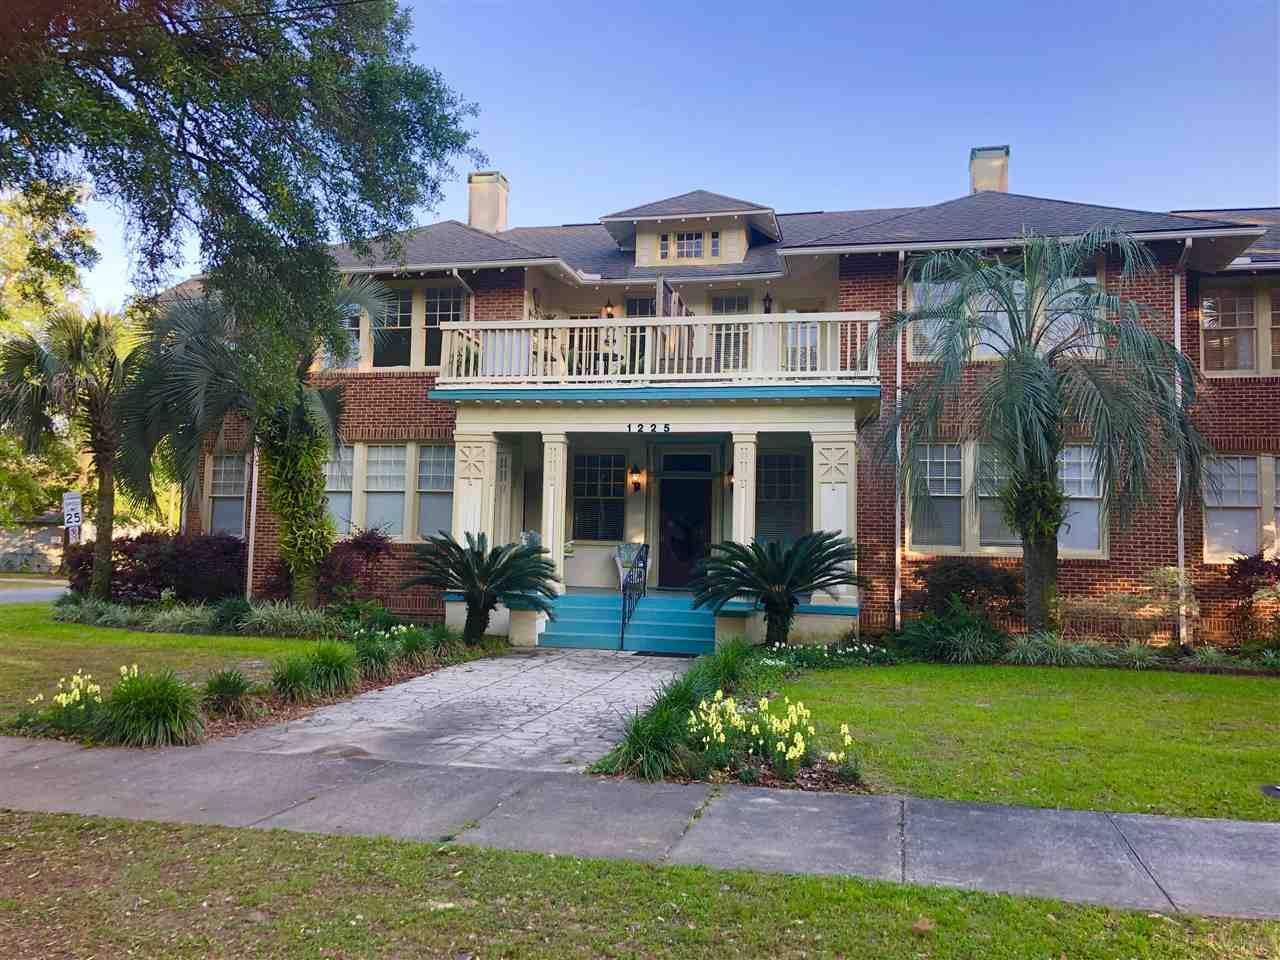 1225 E BLOUNT ST, Pensacola, Florida